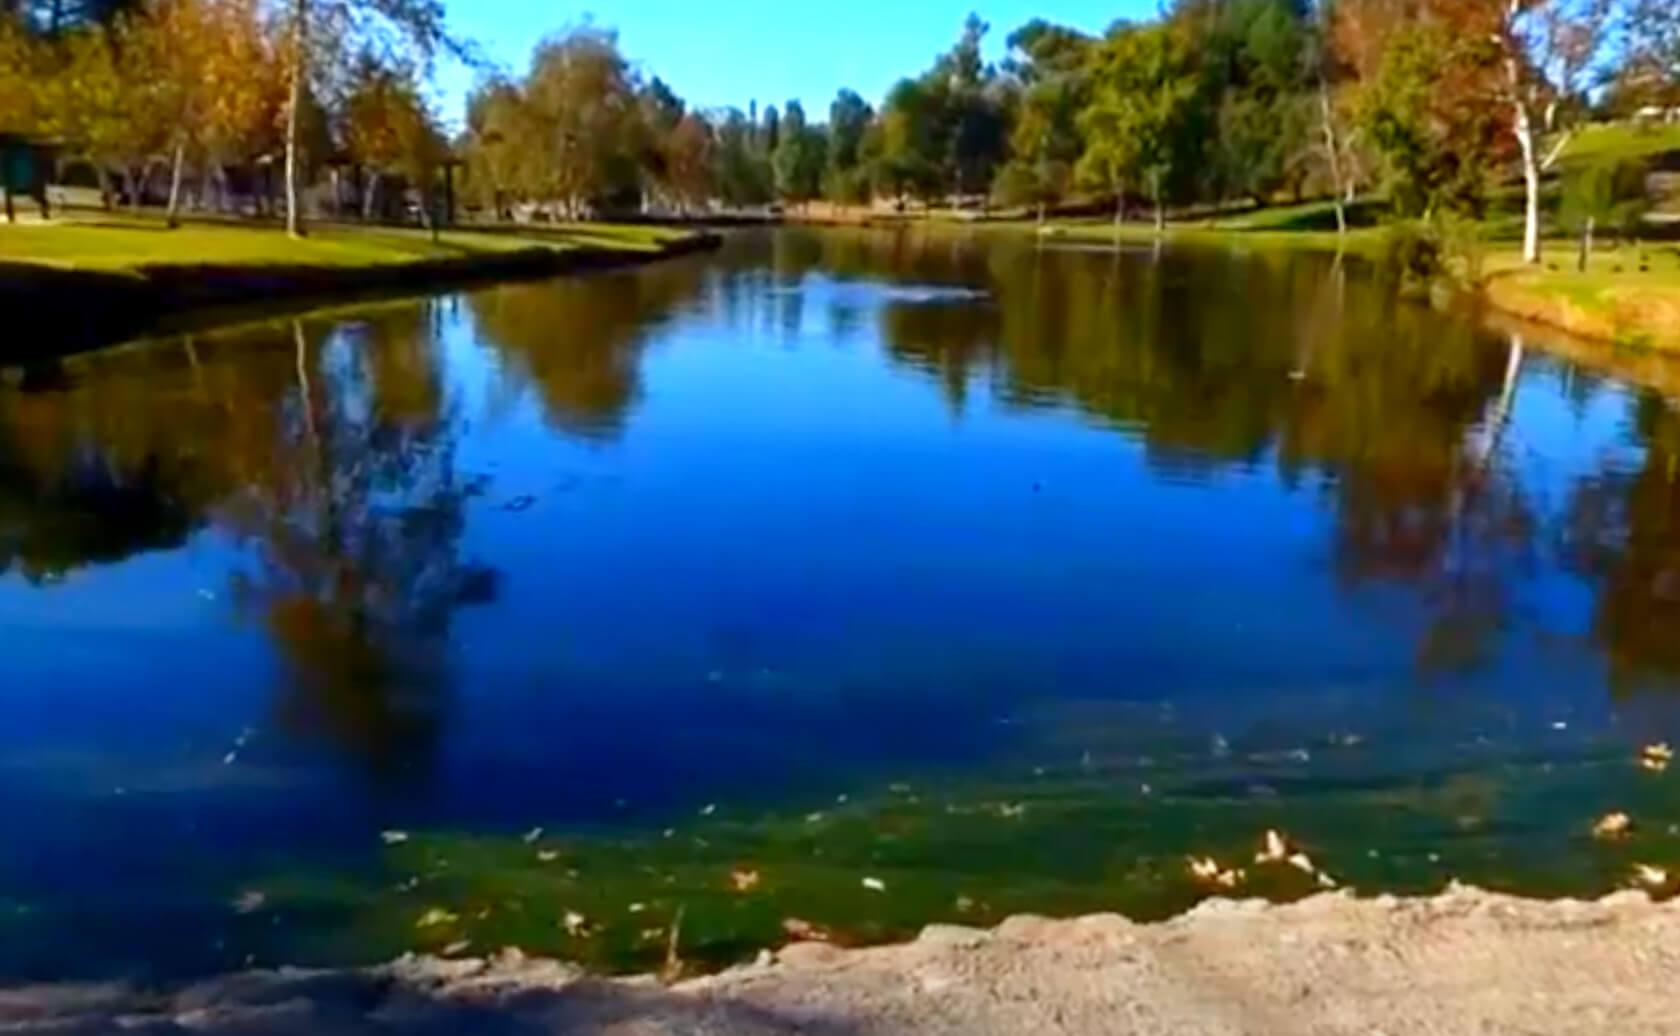 Craig-Regional-Park-Lake-Fishing-Guide-Report-Fullerton-CA-03